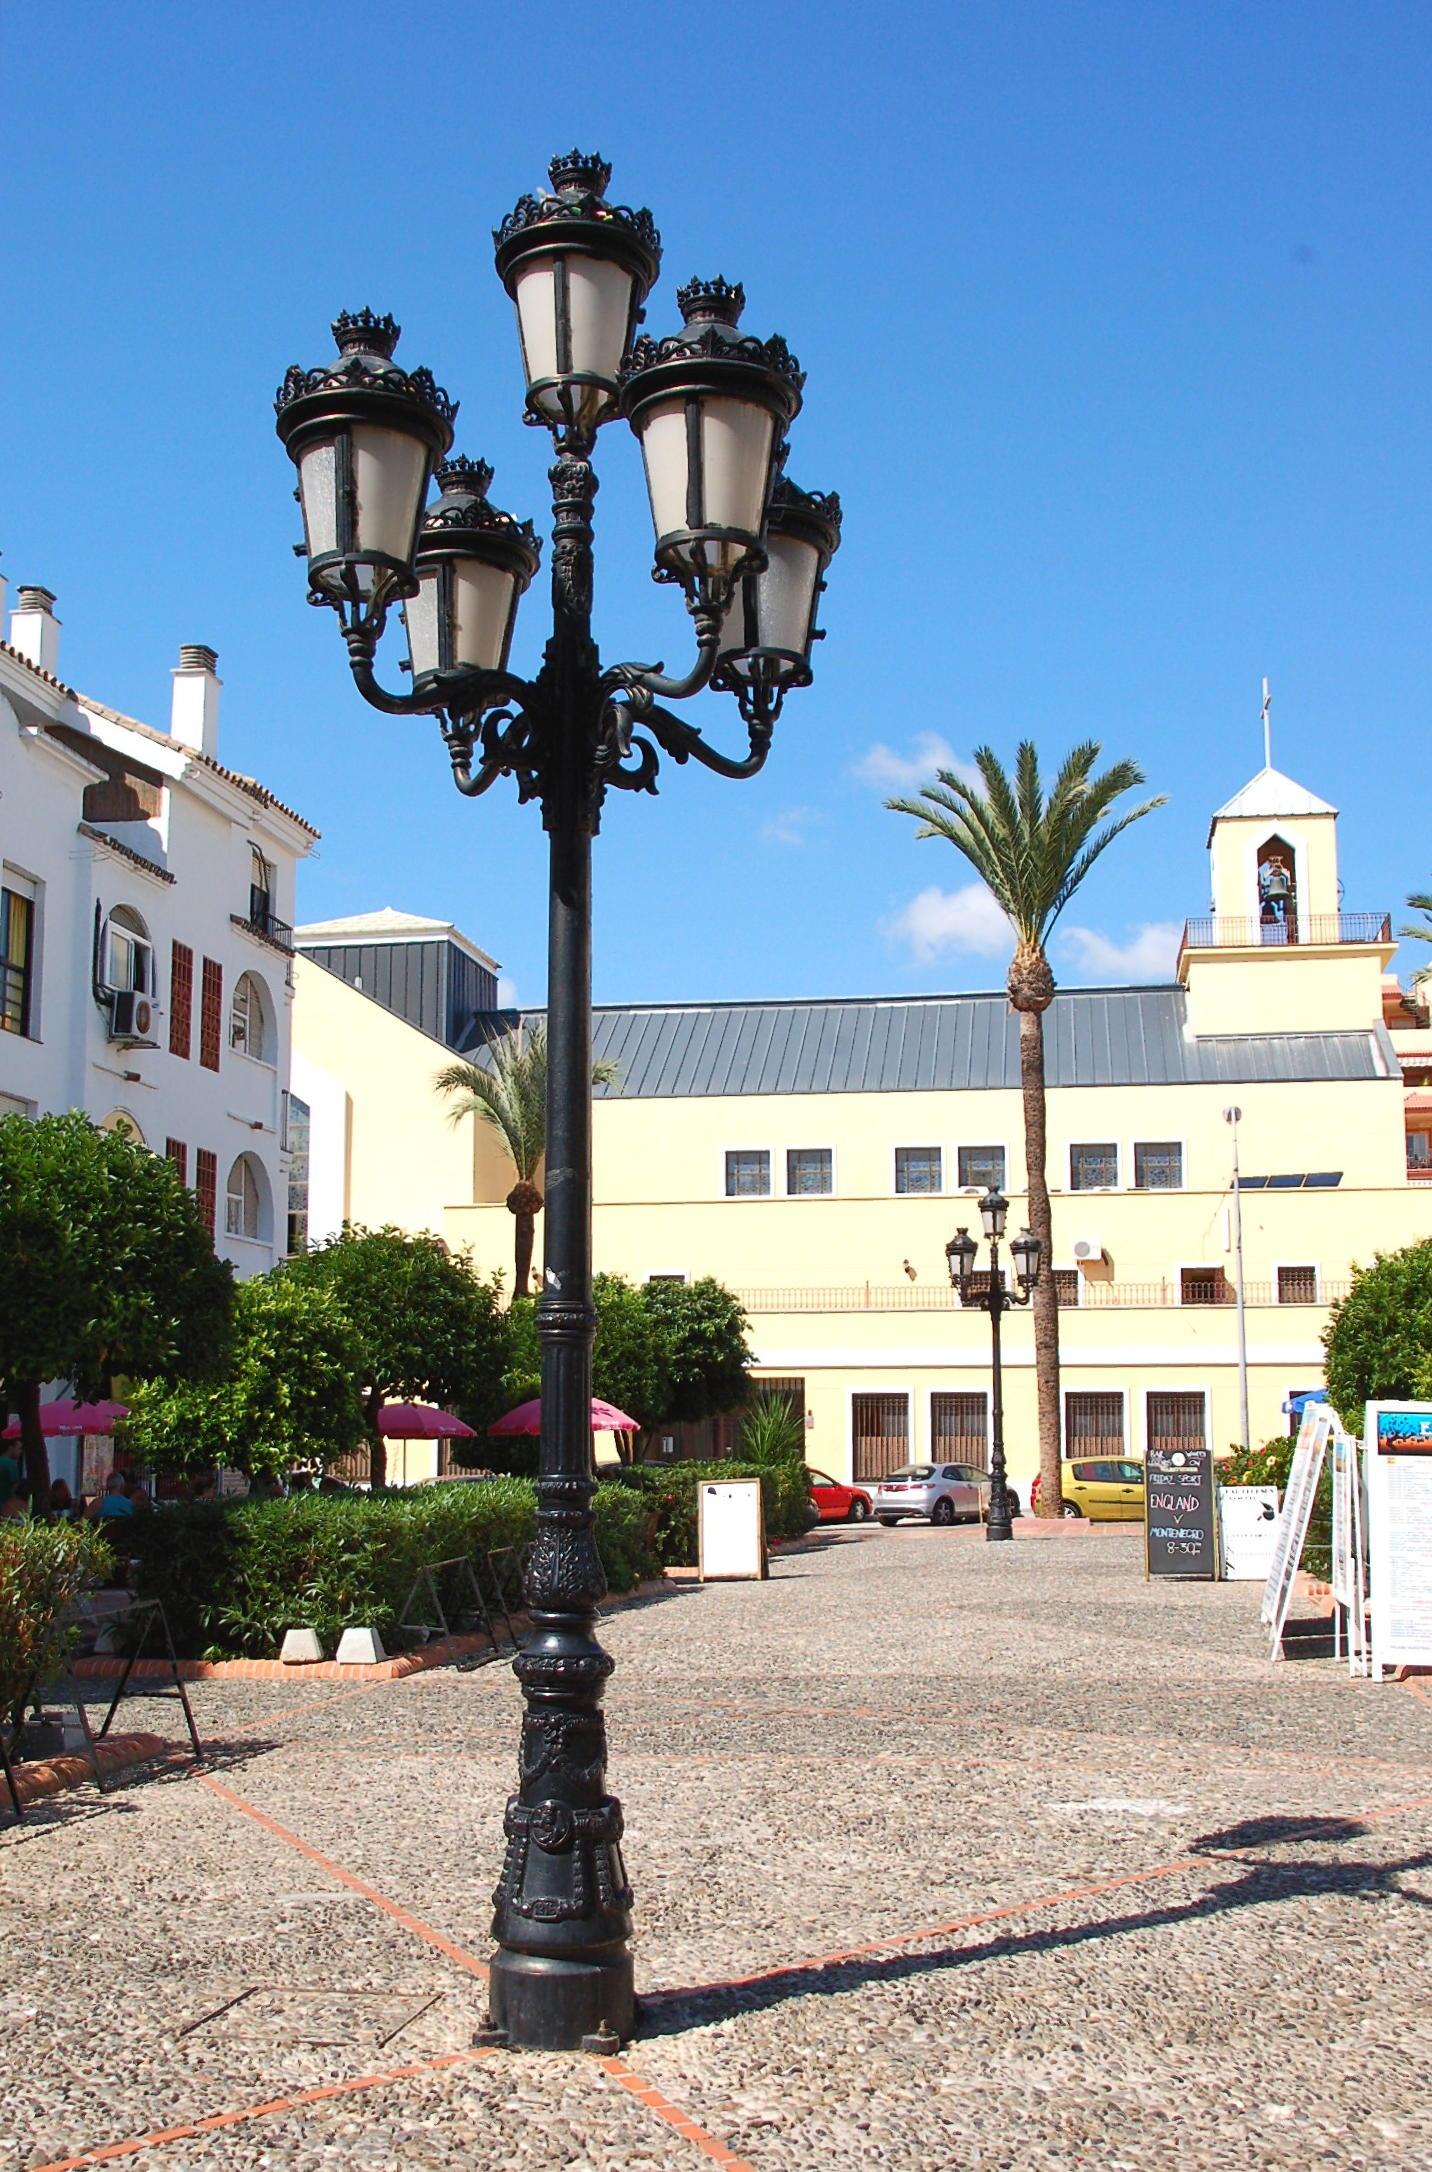 Bonanza Square Benalmadena